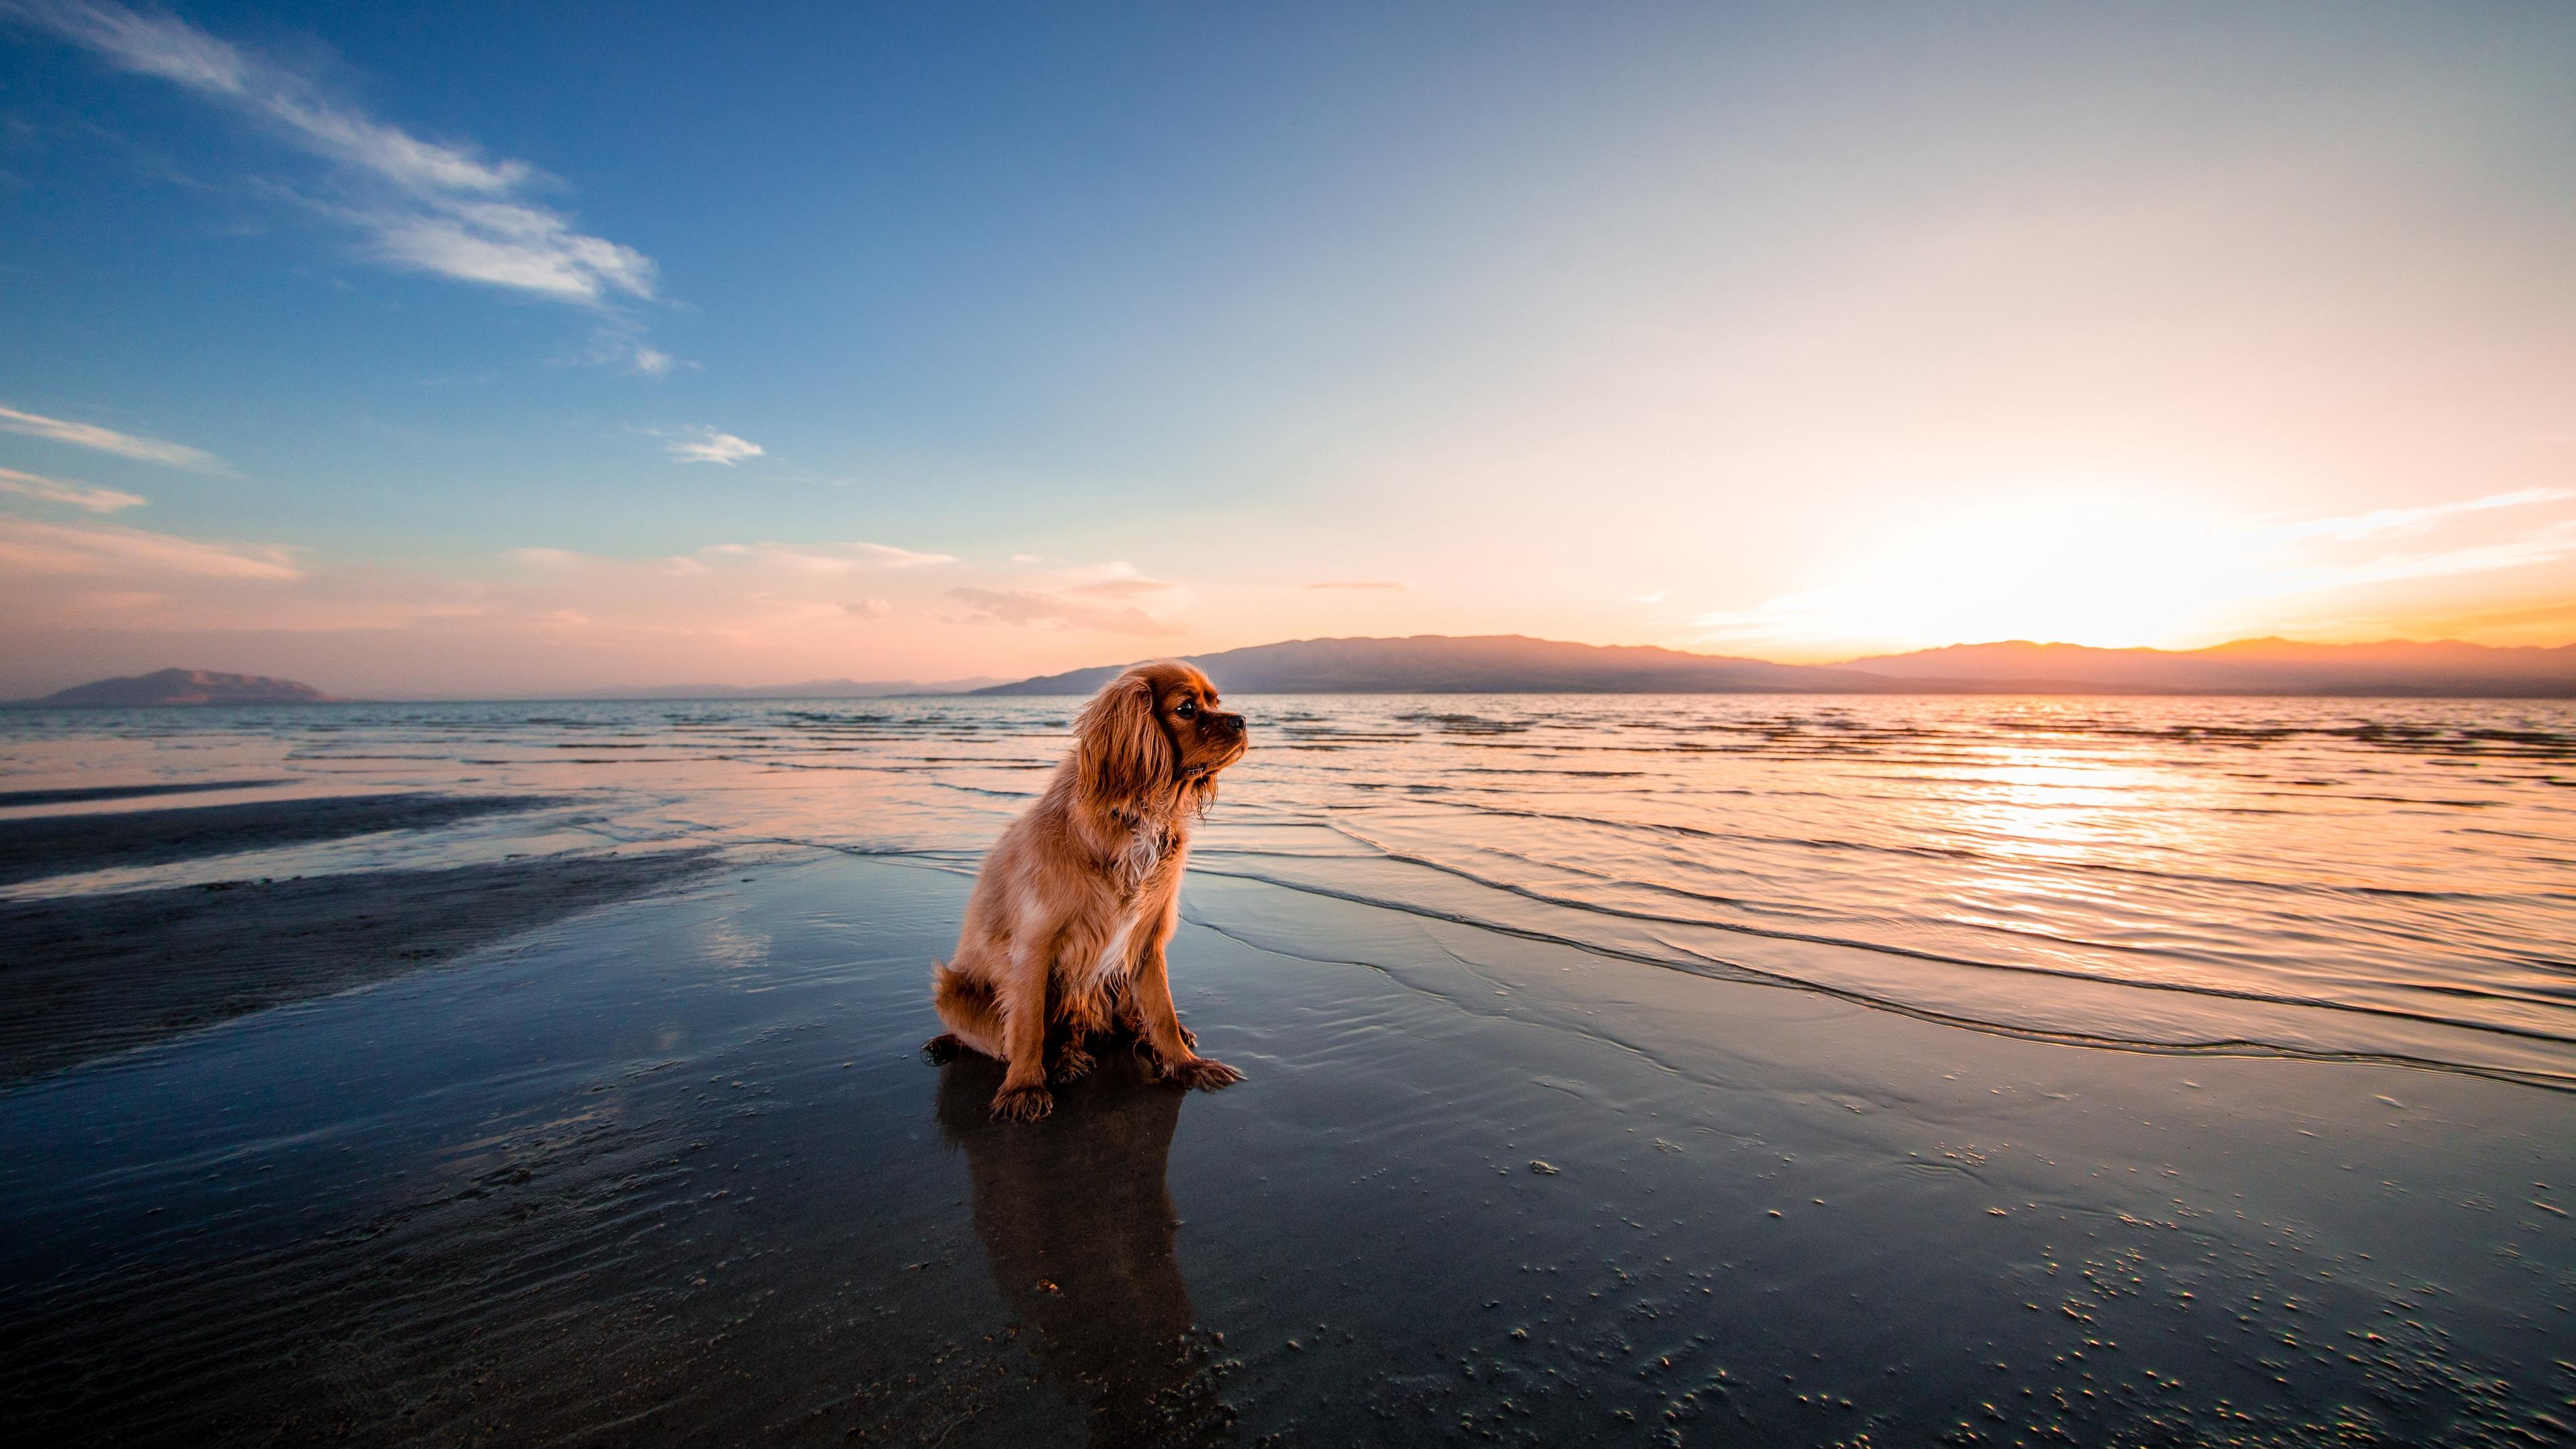 dog sea sitting shore 4k 1542242437 - dog, sea, sitting, shore 4k - Sitting, Sea, Dog